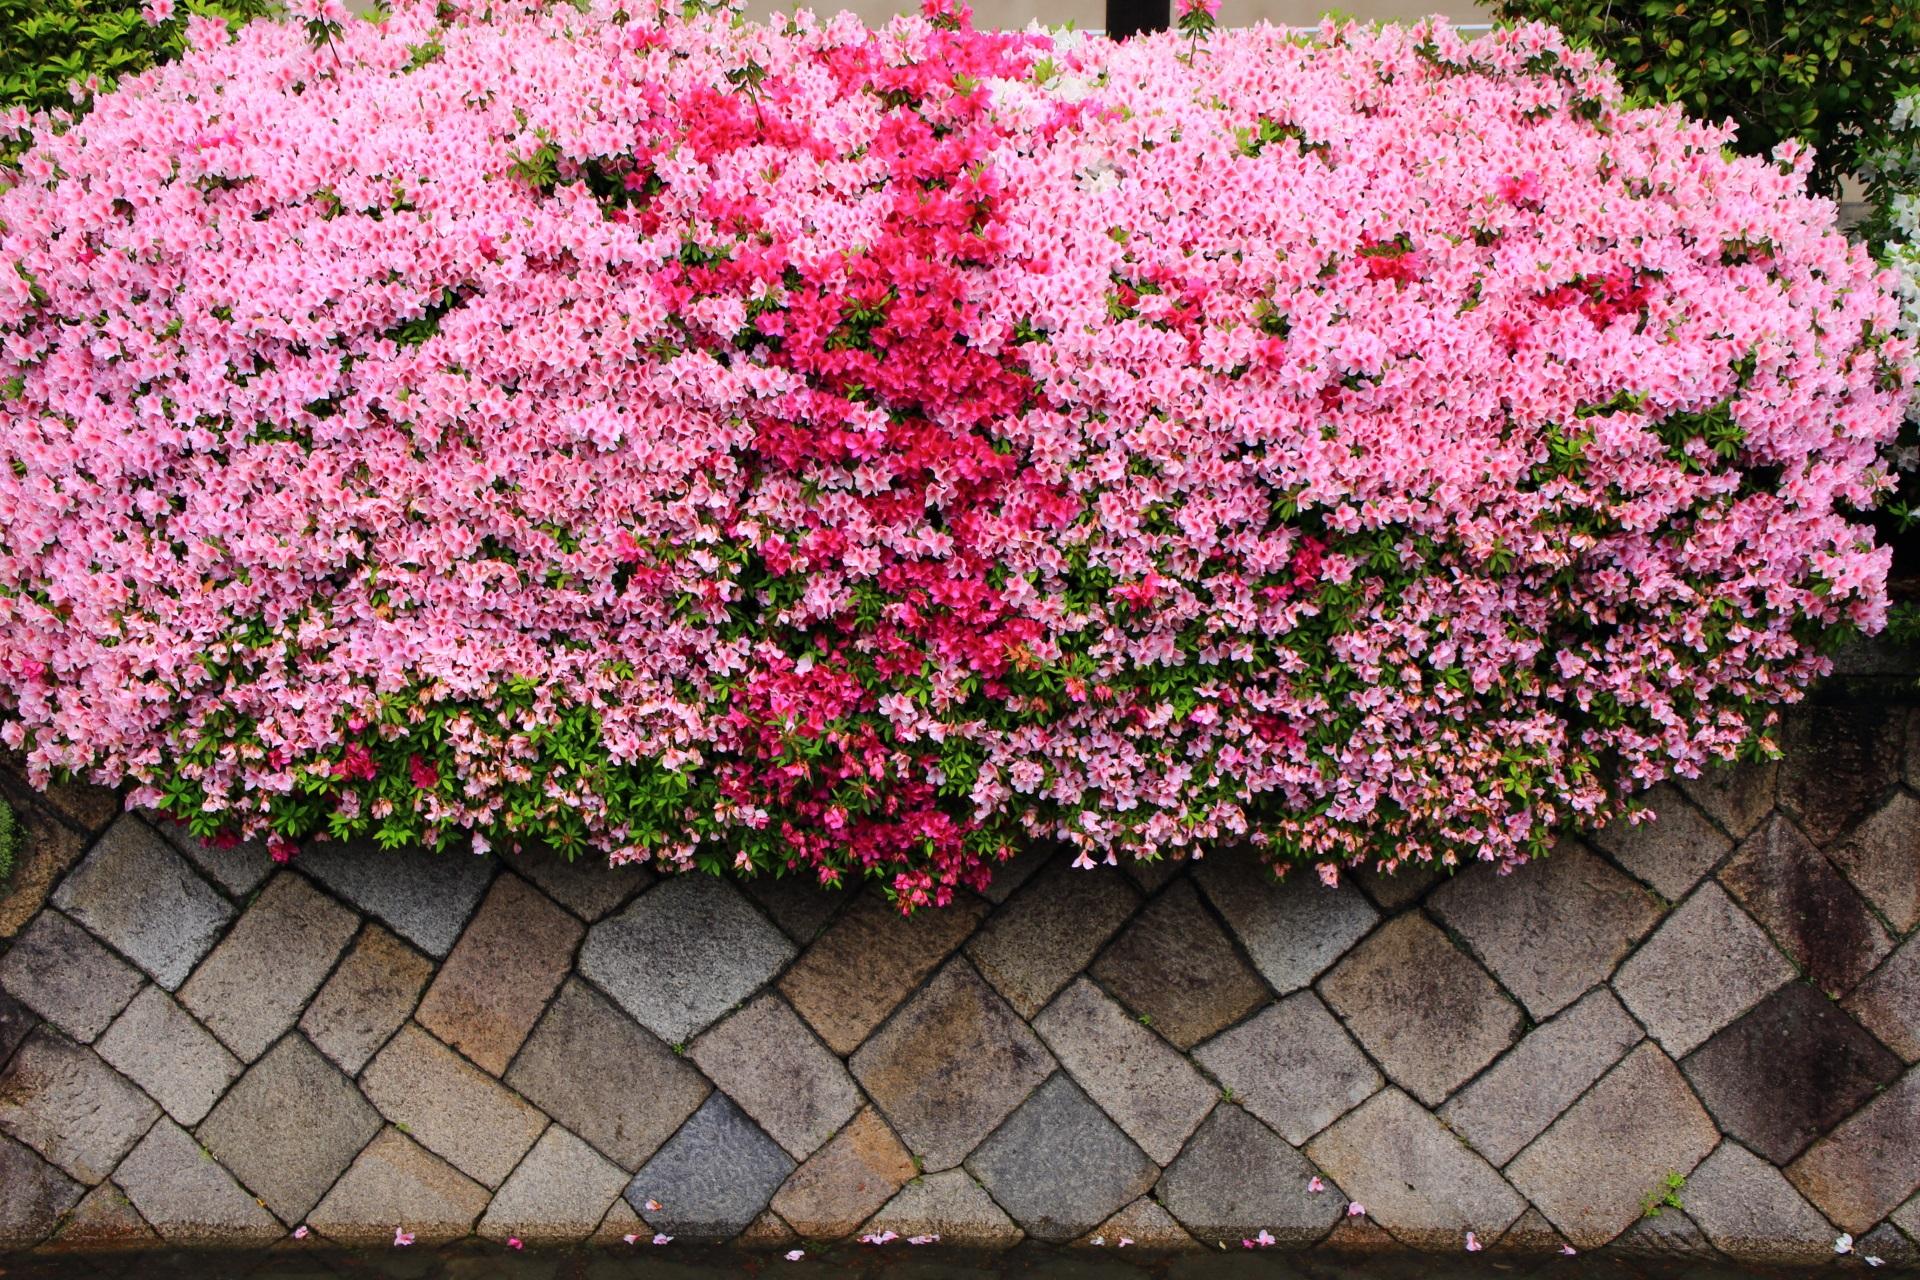 弾けんばかりに咲き誇る鮮やかな2色のツツジ